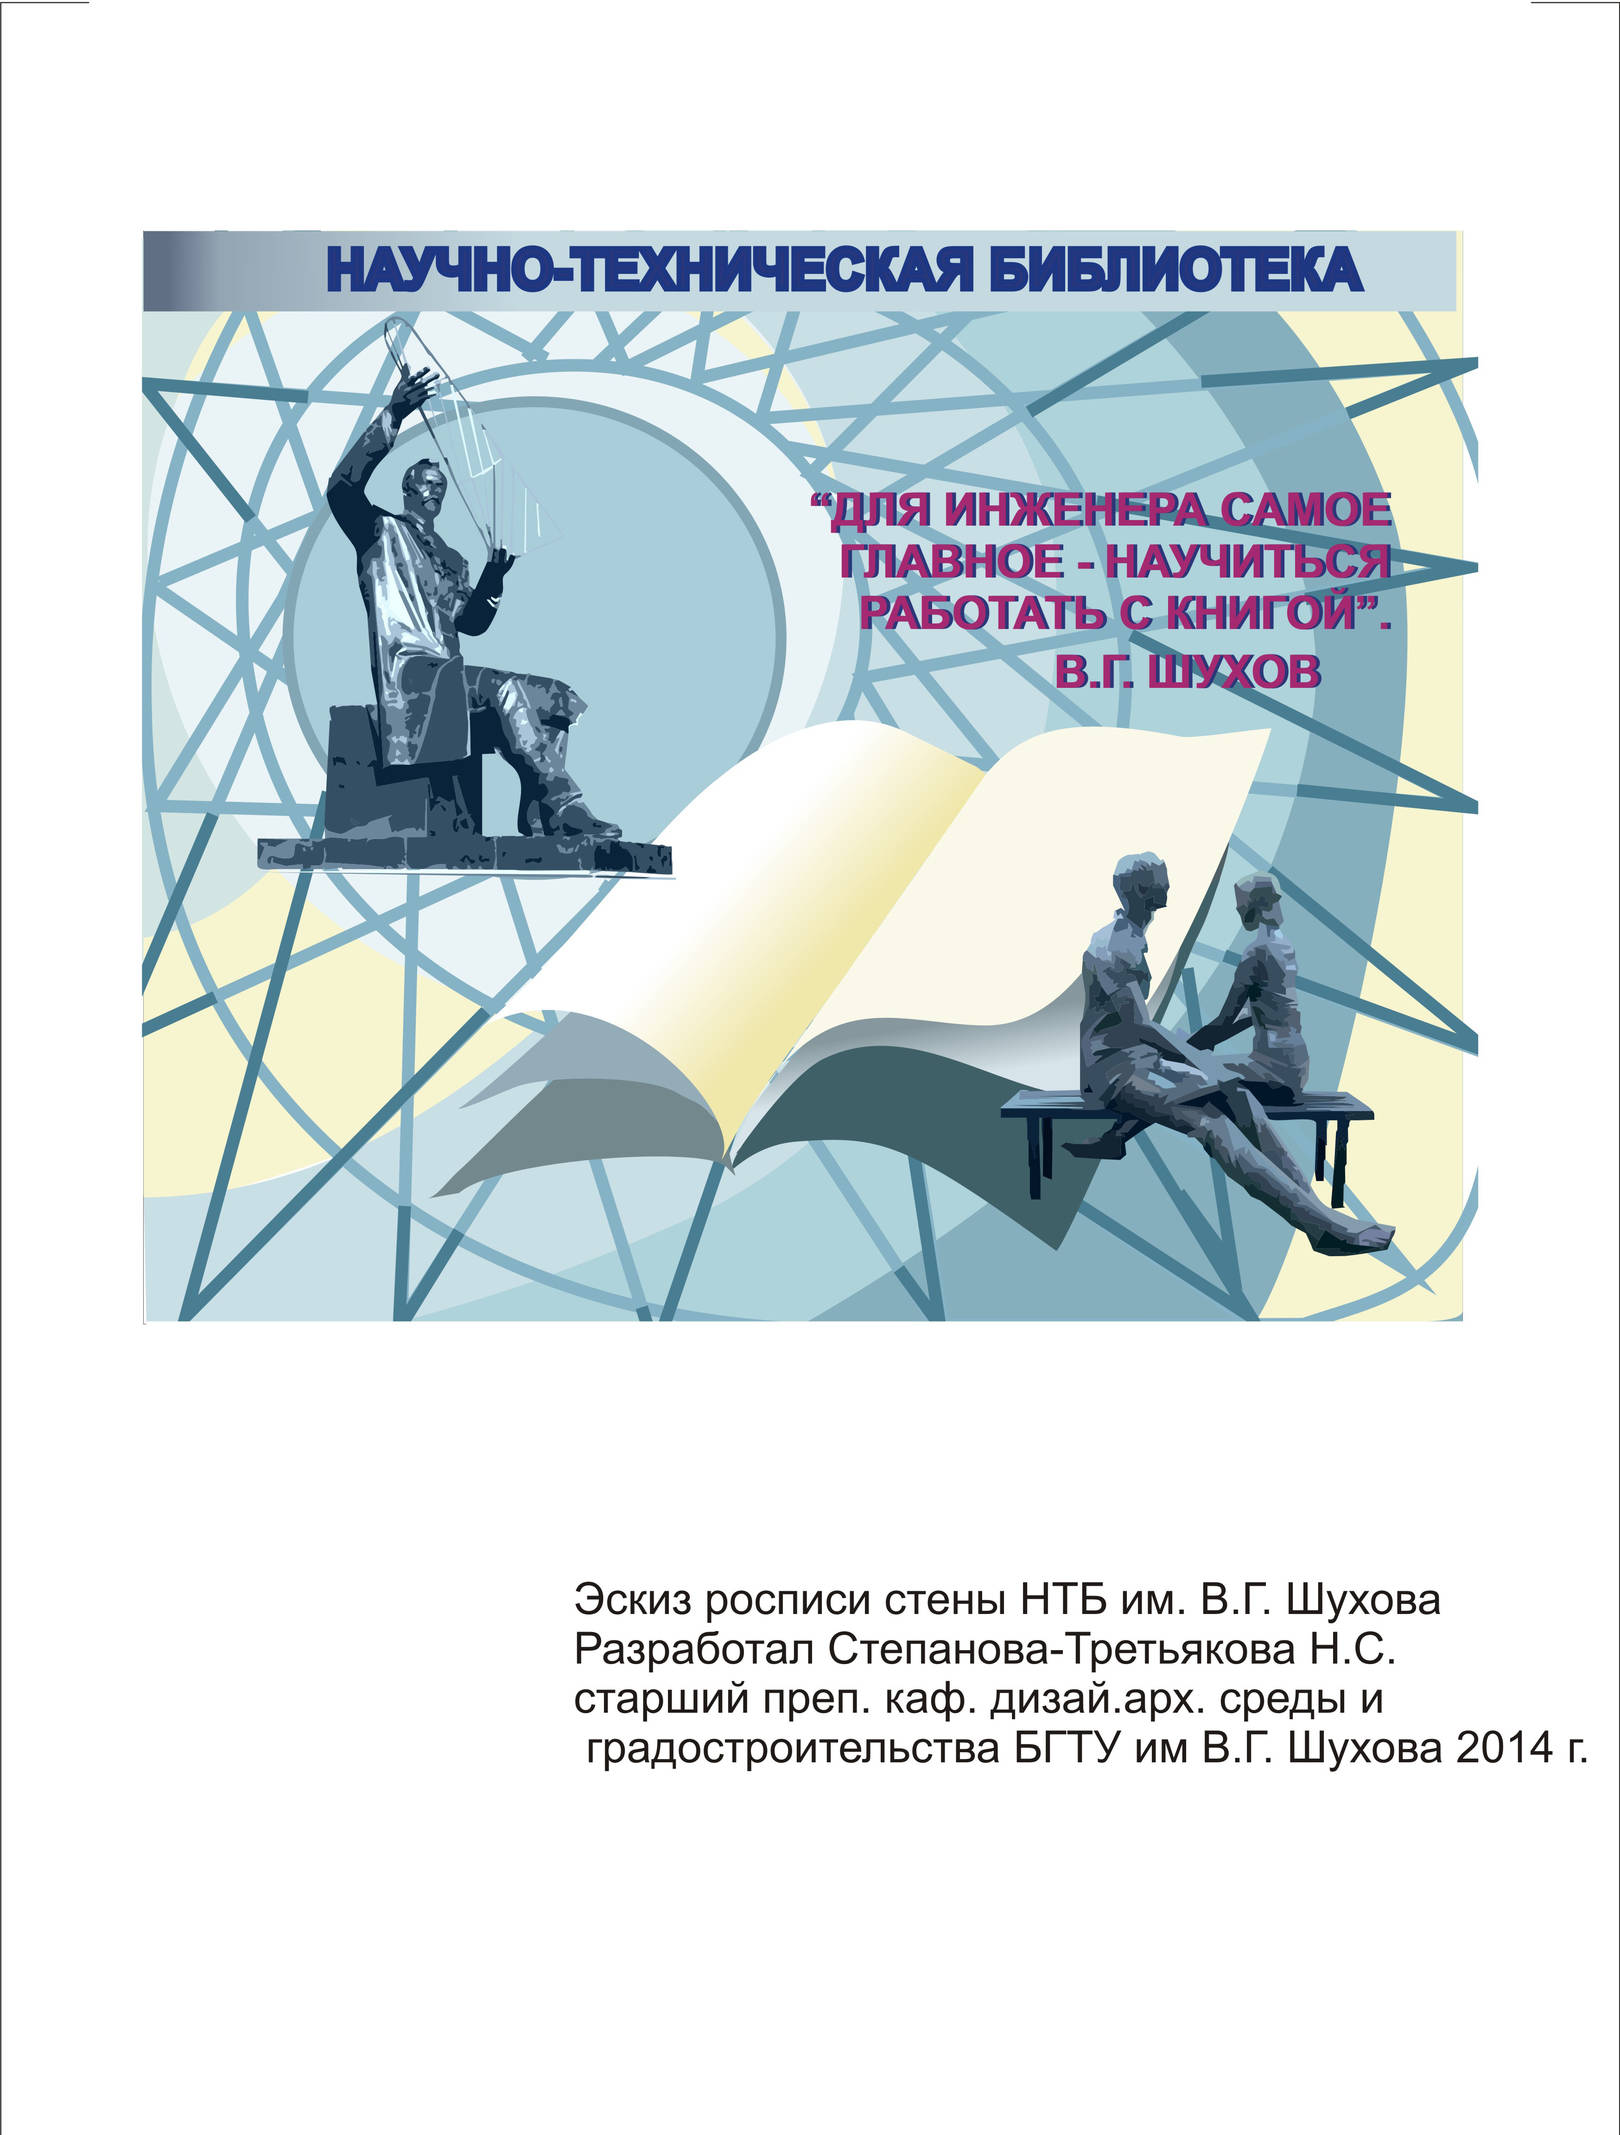 Стена библиотеки БГТУ им. В.Г. Шухова. Утверждённый вариант